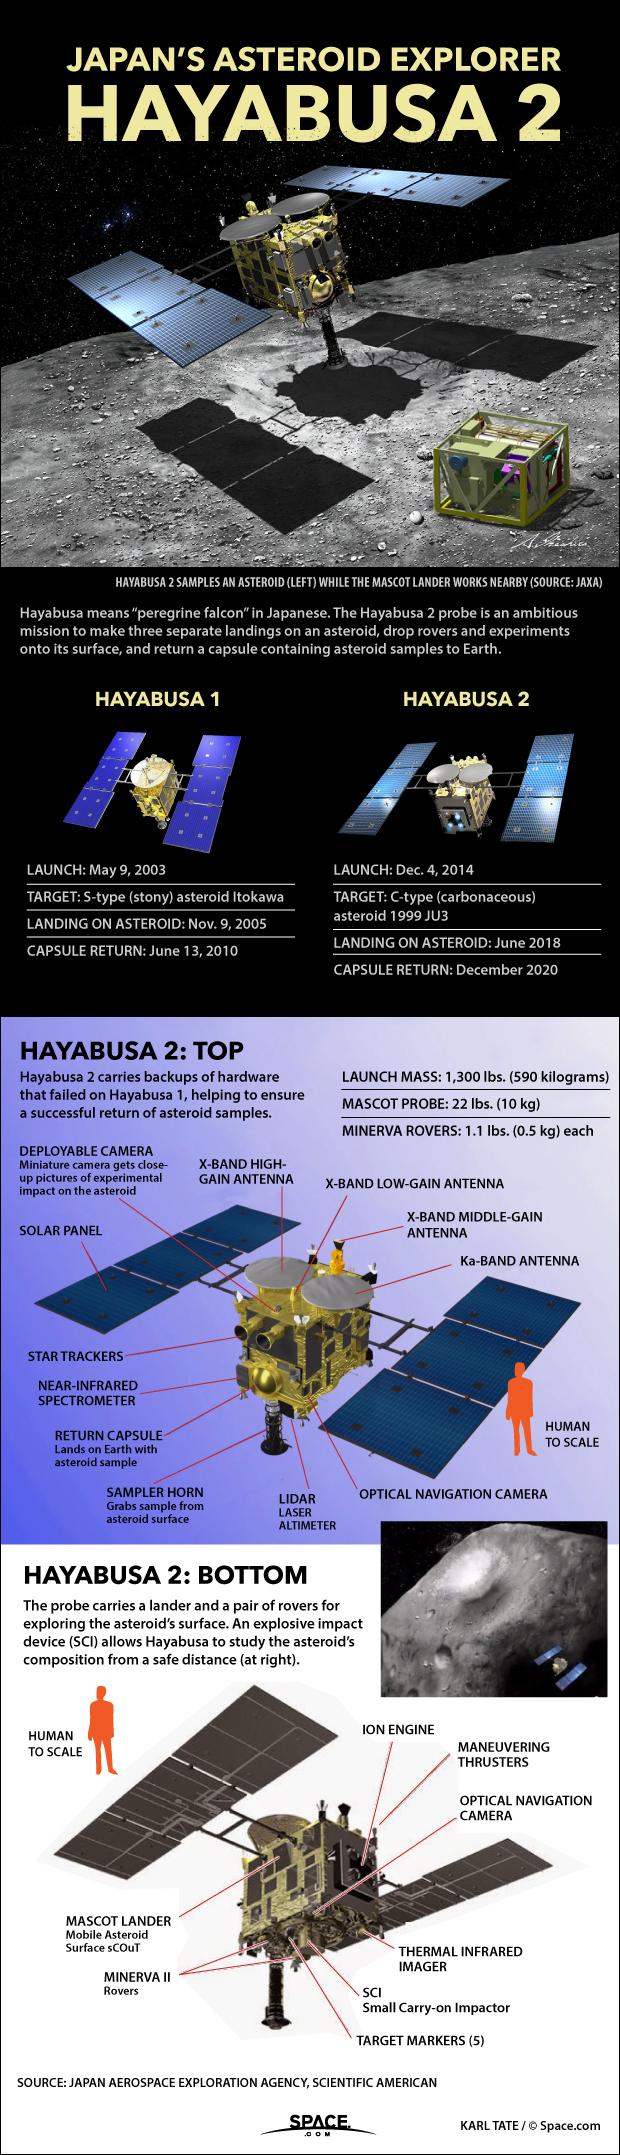 Diagrams show Hayabusa 2 asteroid probe.